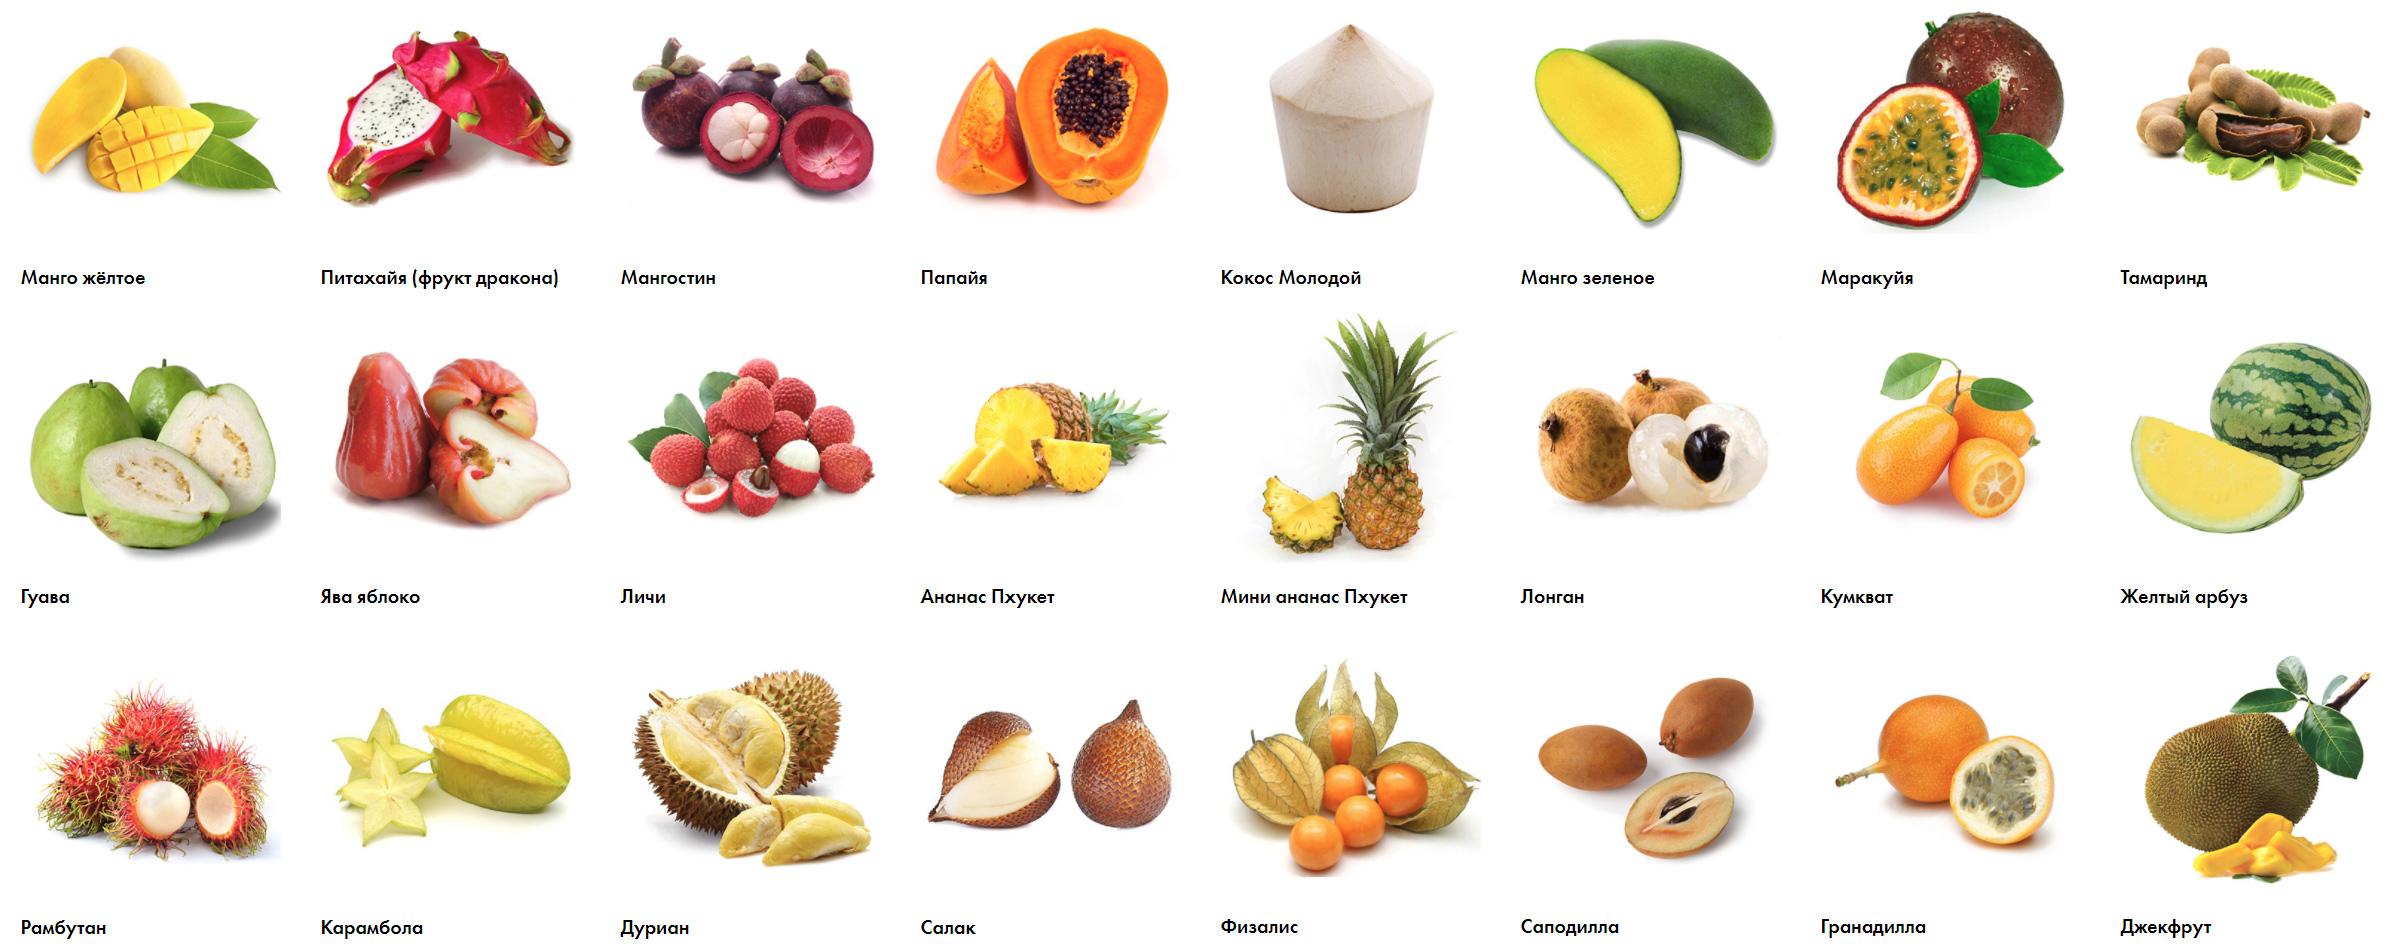 Экзотические фрукты из Таиланда с названиями